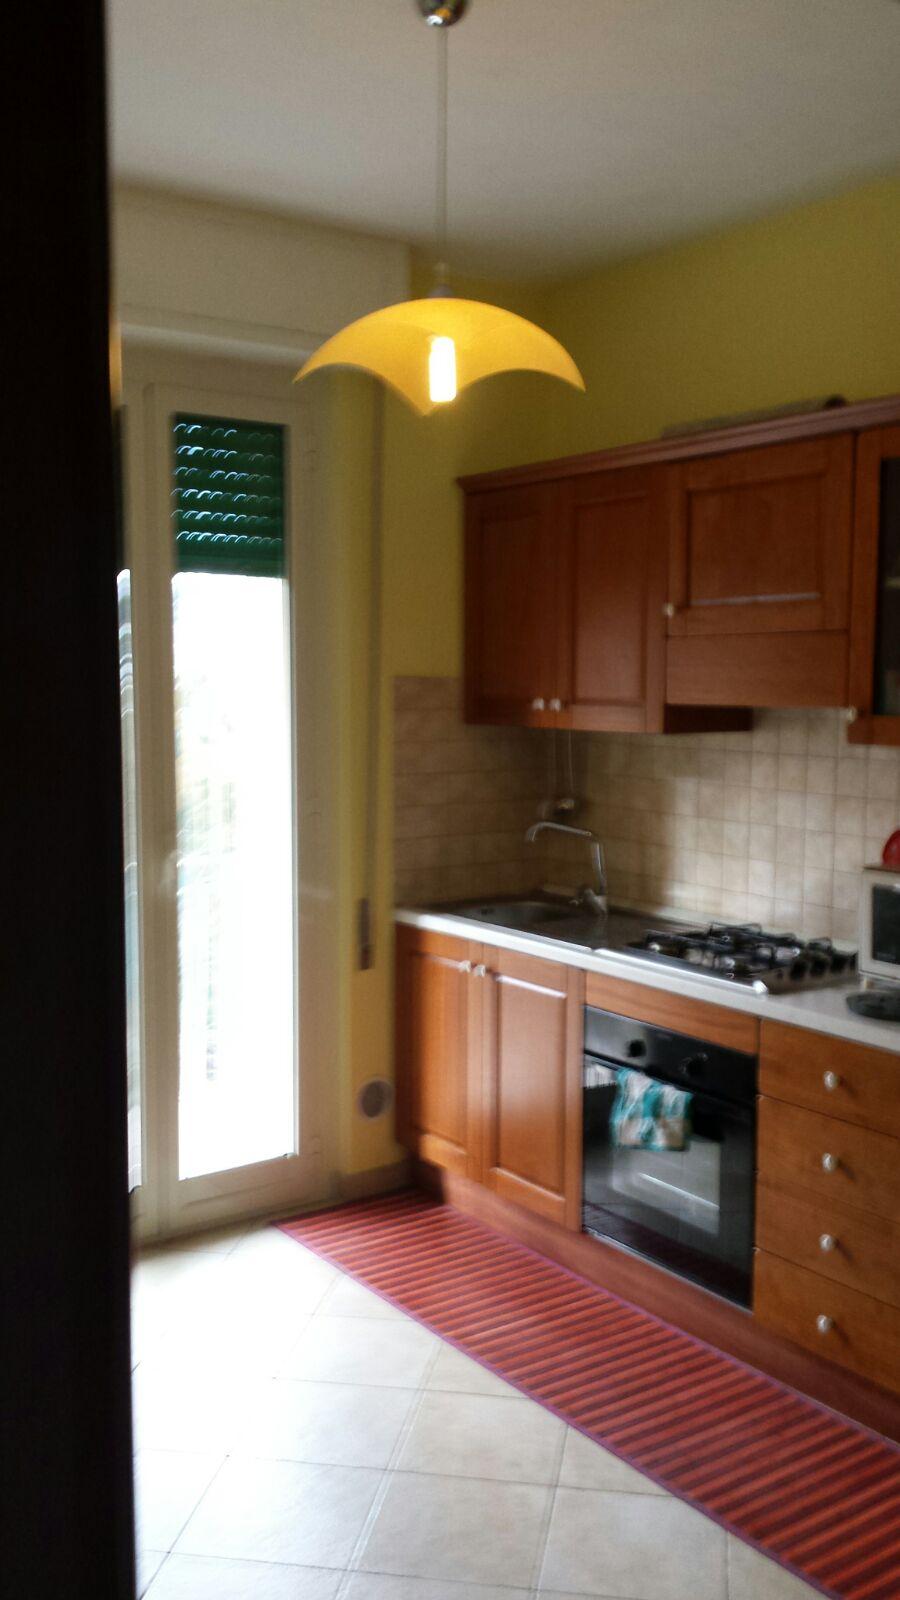 Appartamento in vendita a Larino, 4 locali, prezzo € 82.000 | CambioCasa.it